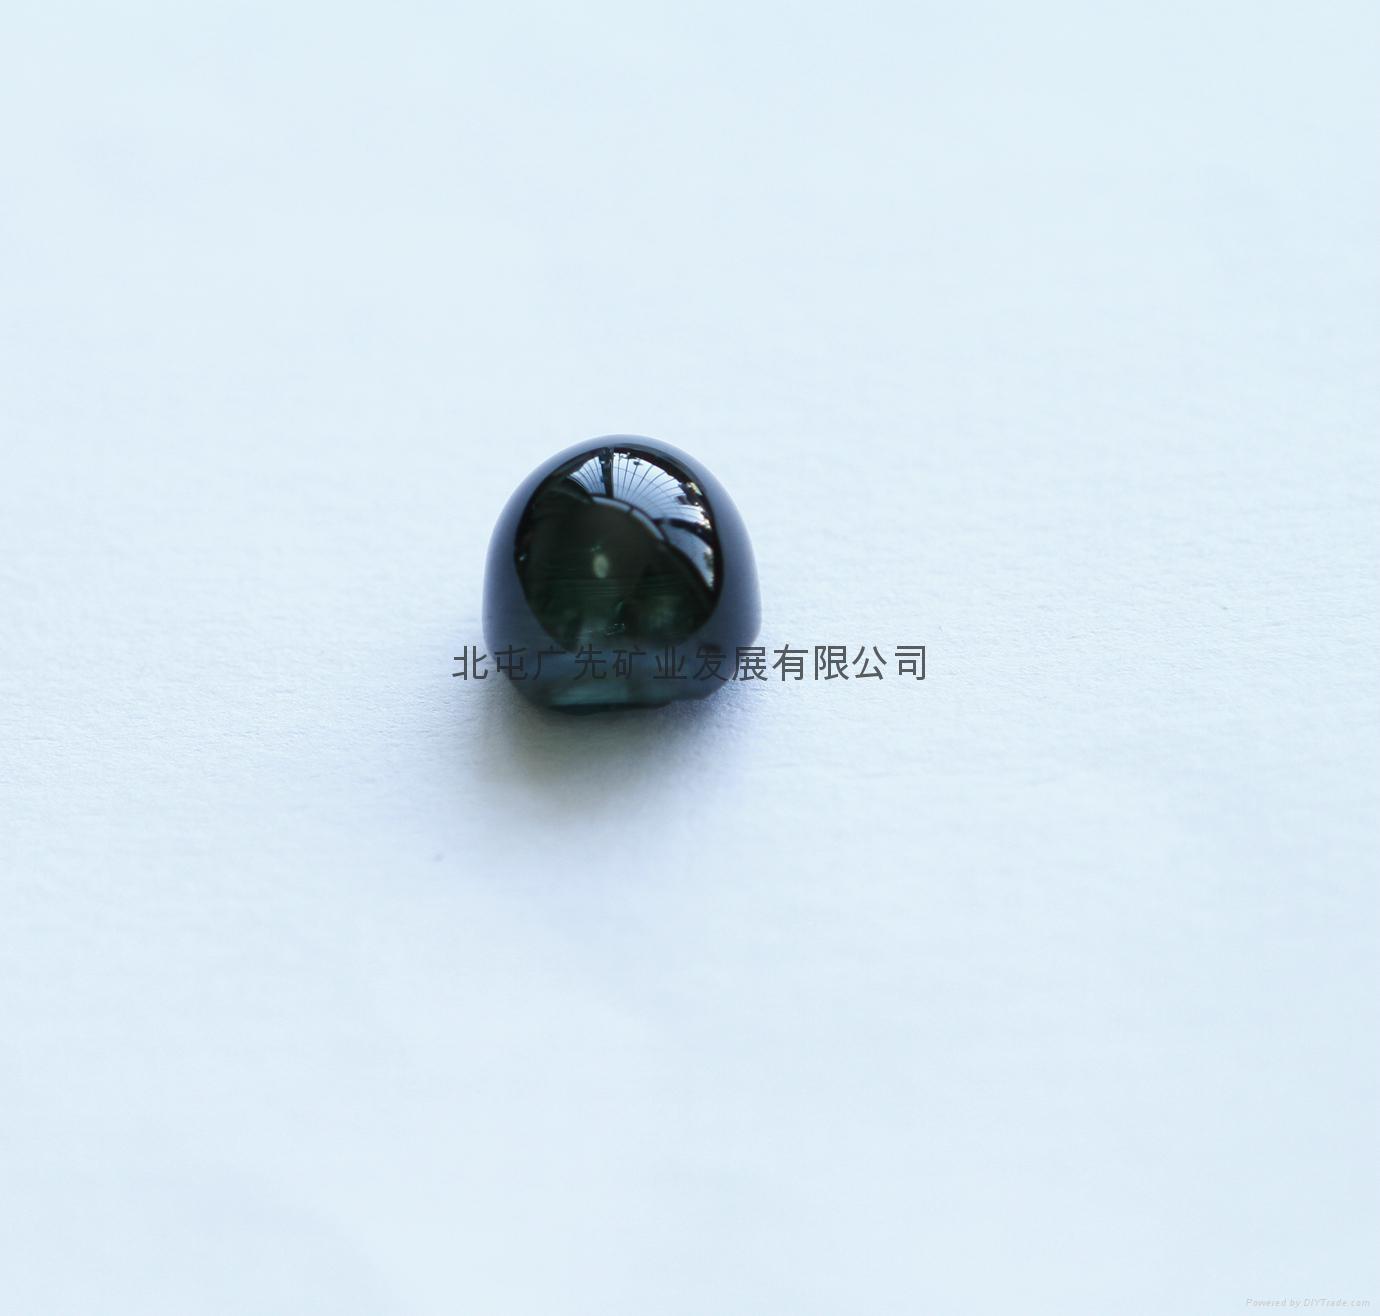 新疆   优质碧玺猫眼裸石(椭圆形)七夕优惠款 1